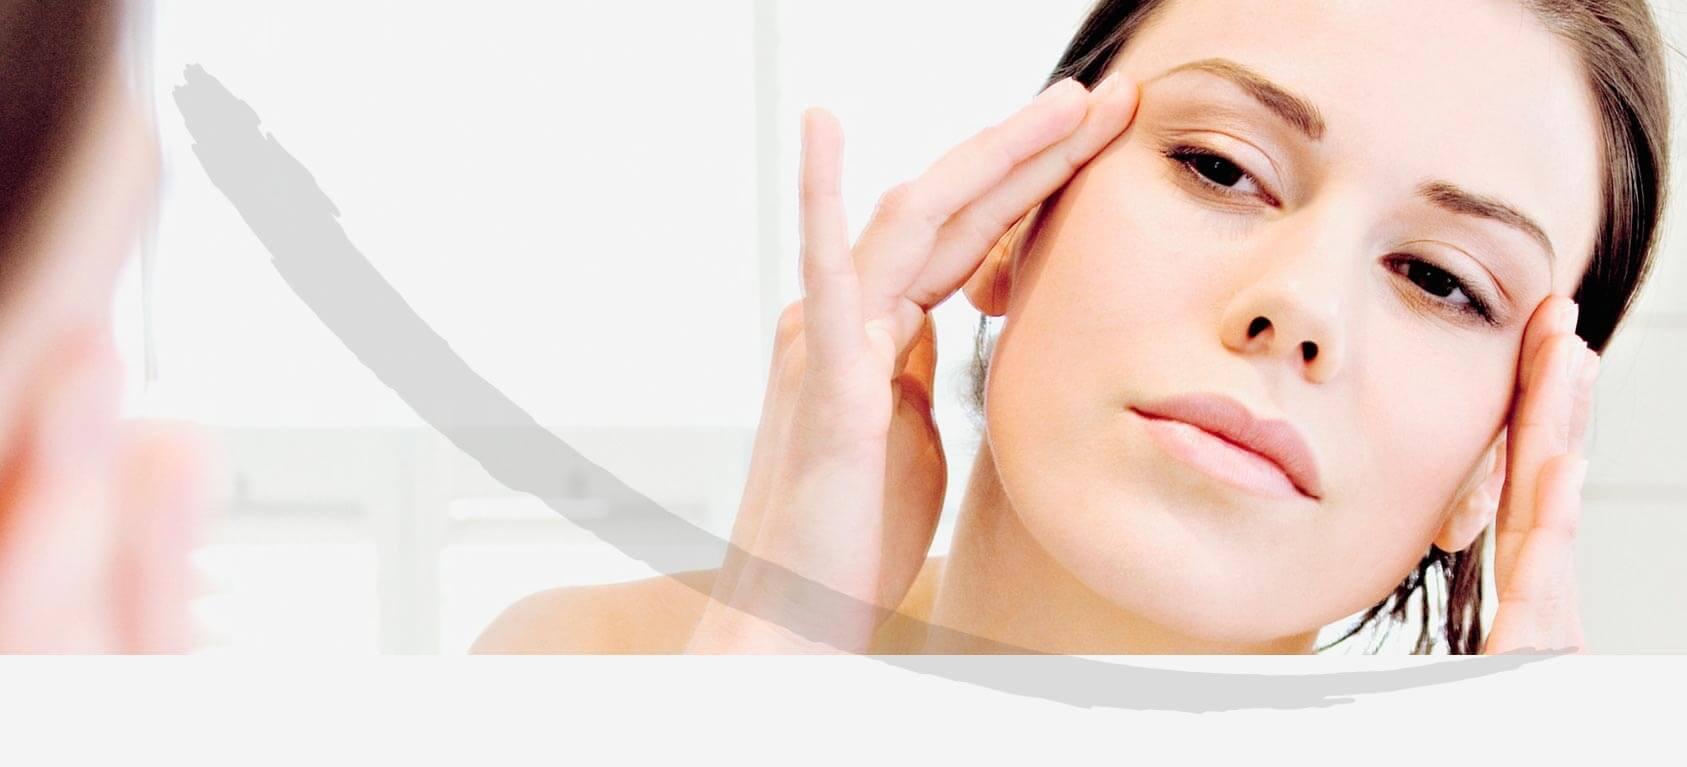 Cuánto dura los efectos de los  los tratamientos en medicina estética?